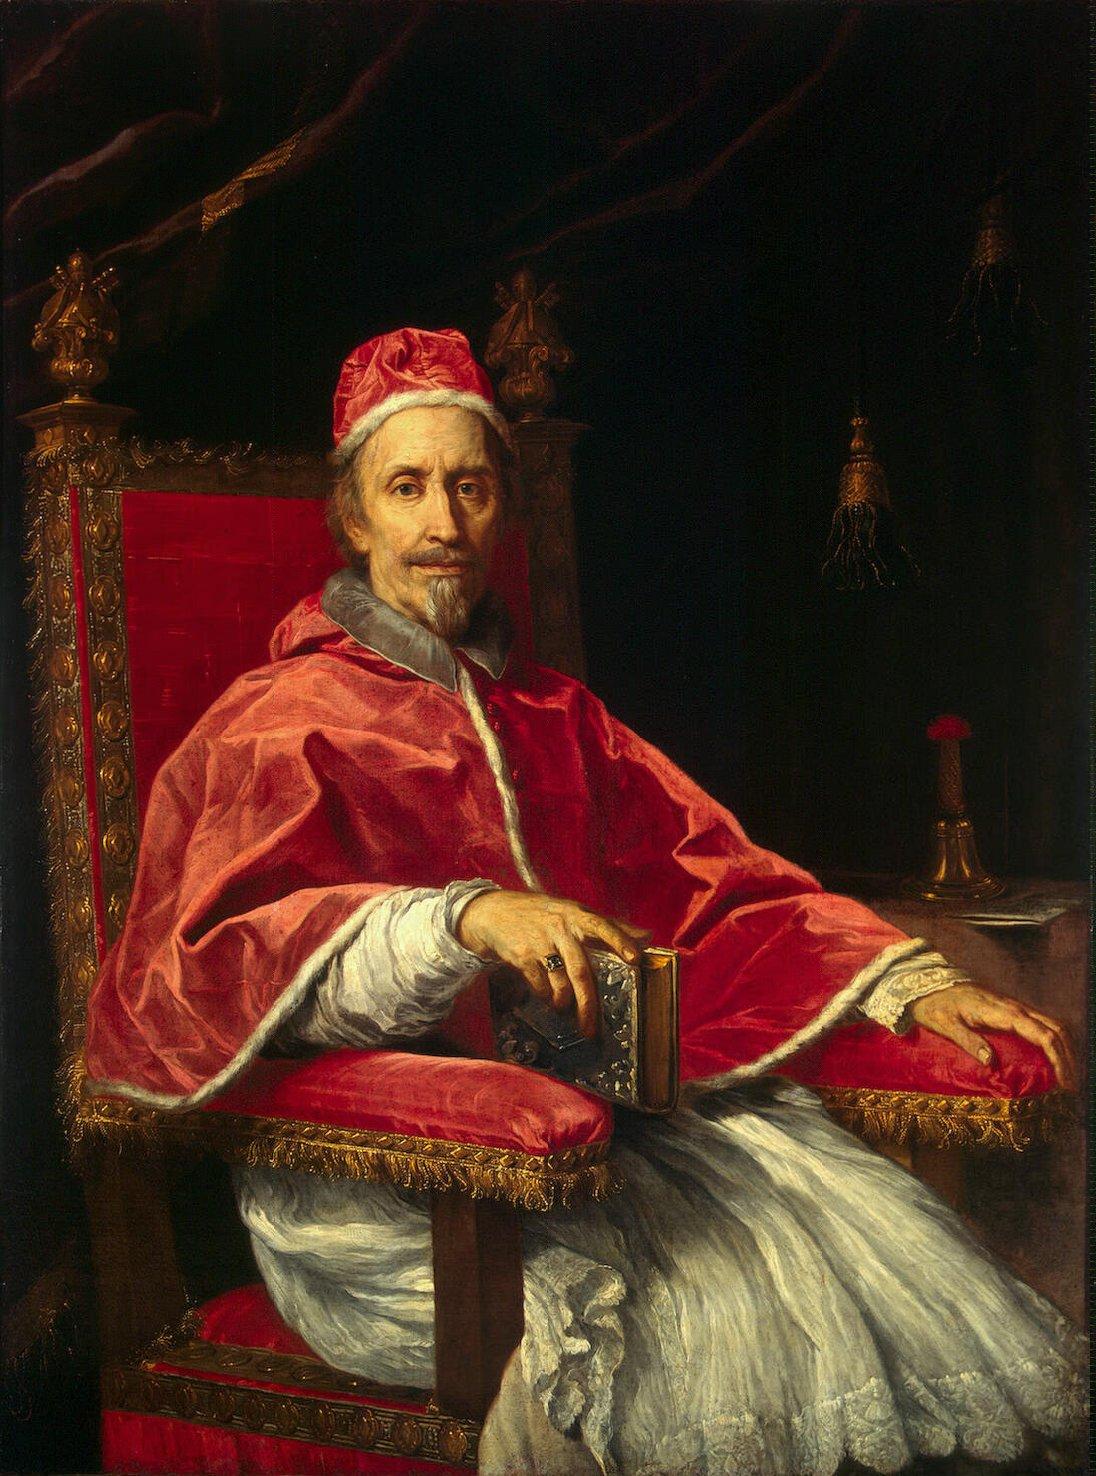 クレメンス9世 (ローマ教皇) - Wikipedia